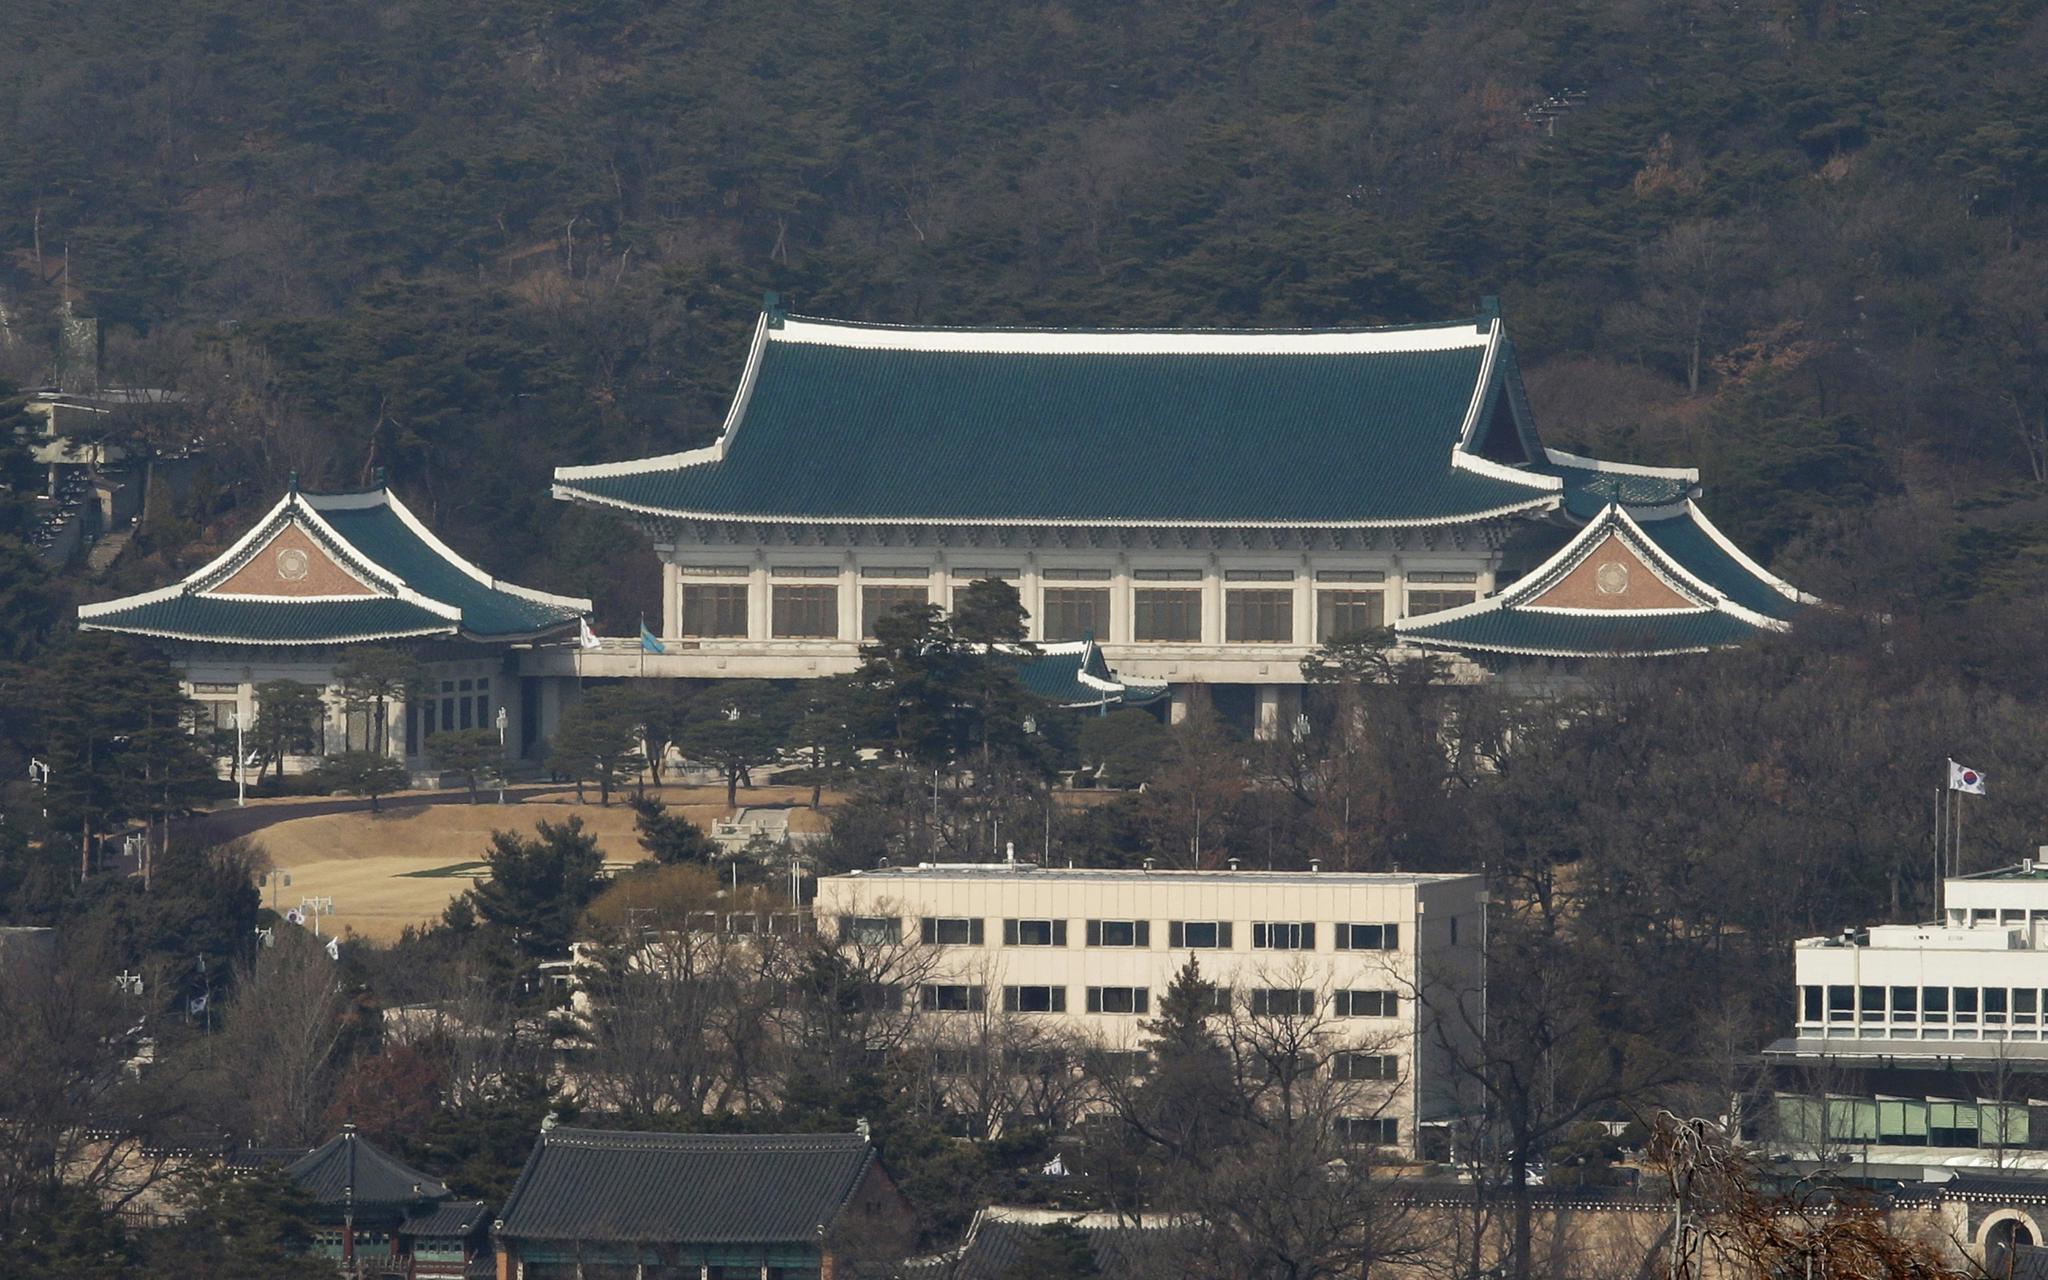 美韩官员就朝鲜半岛问题举行磋商